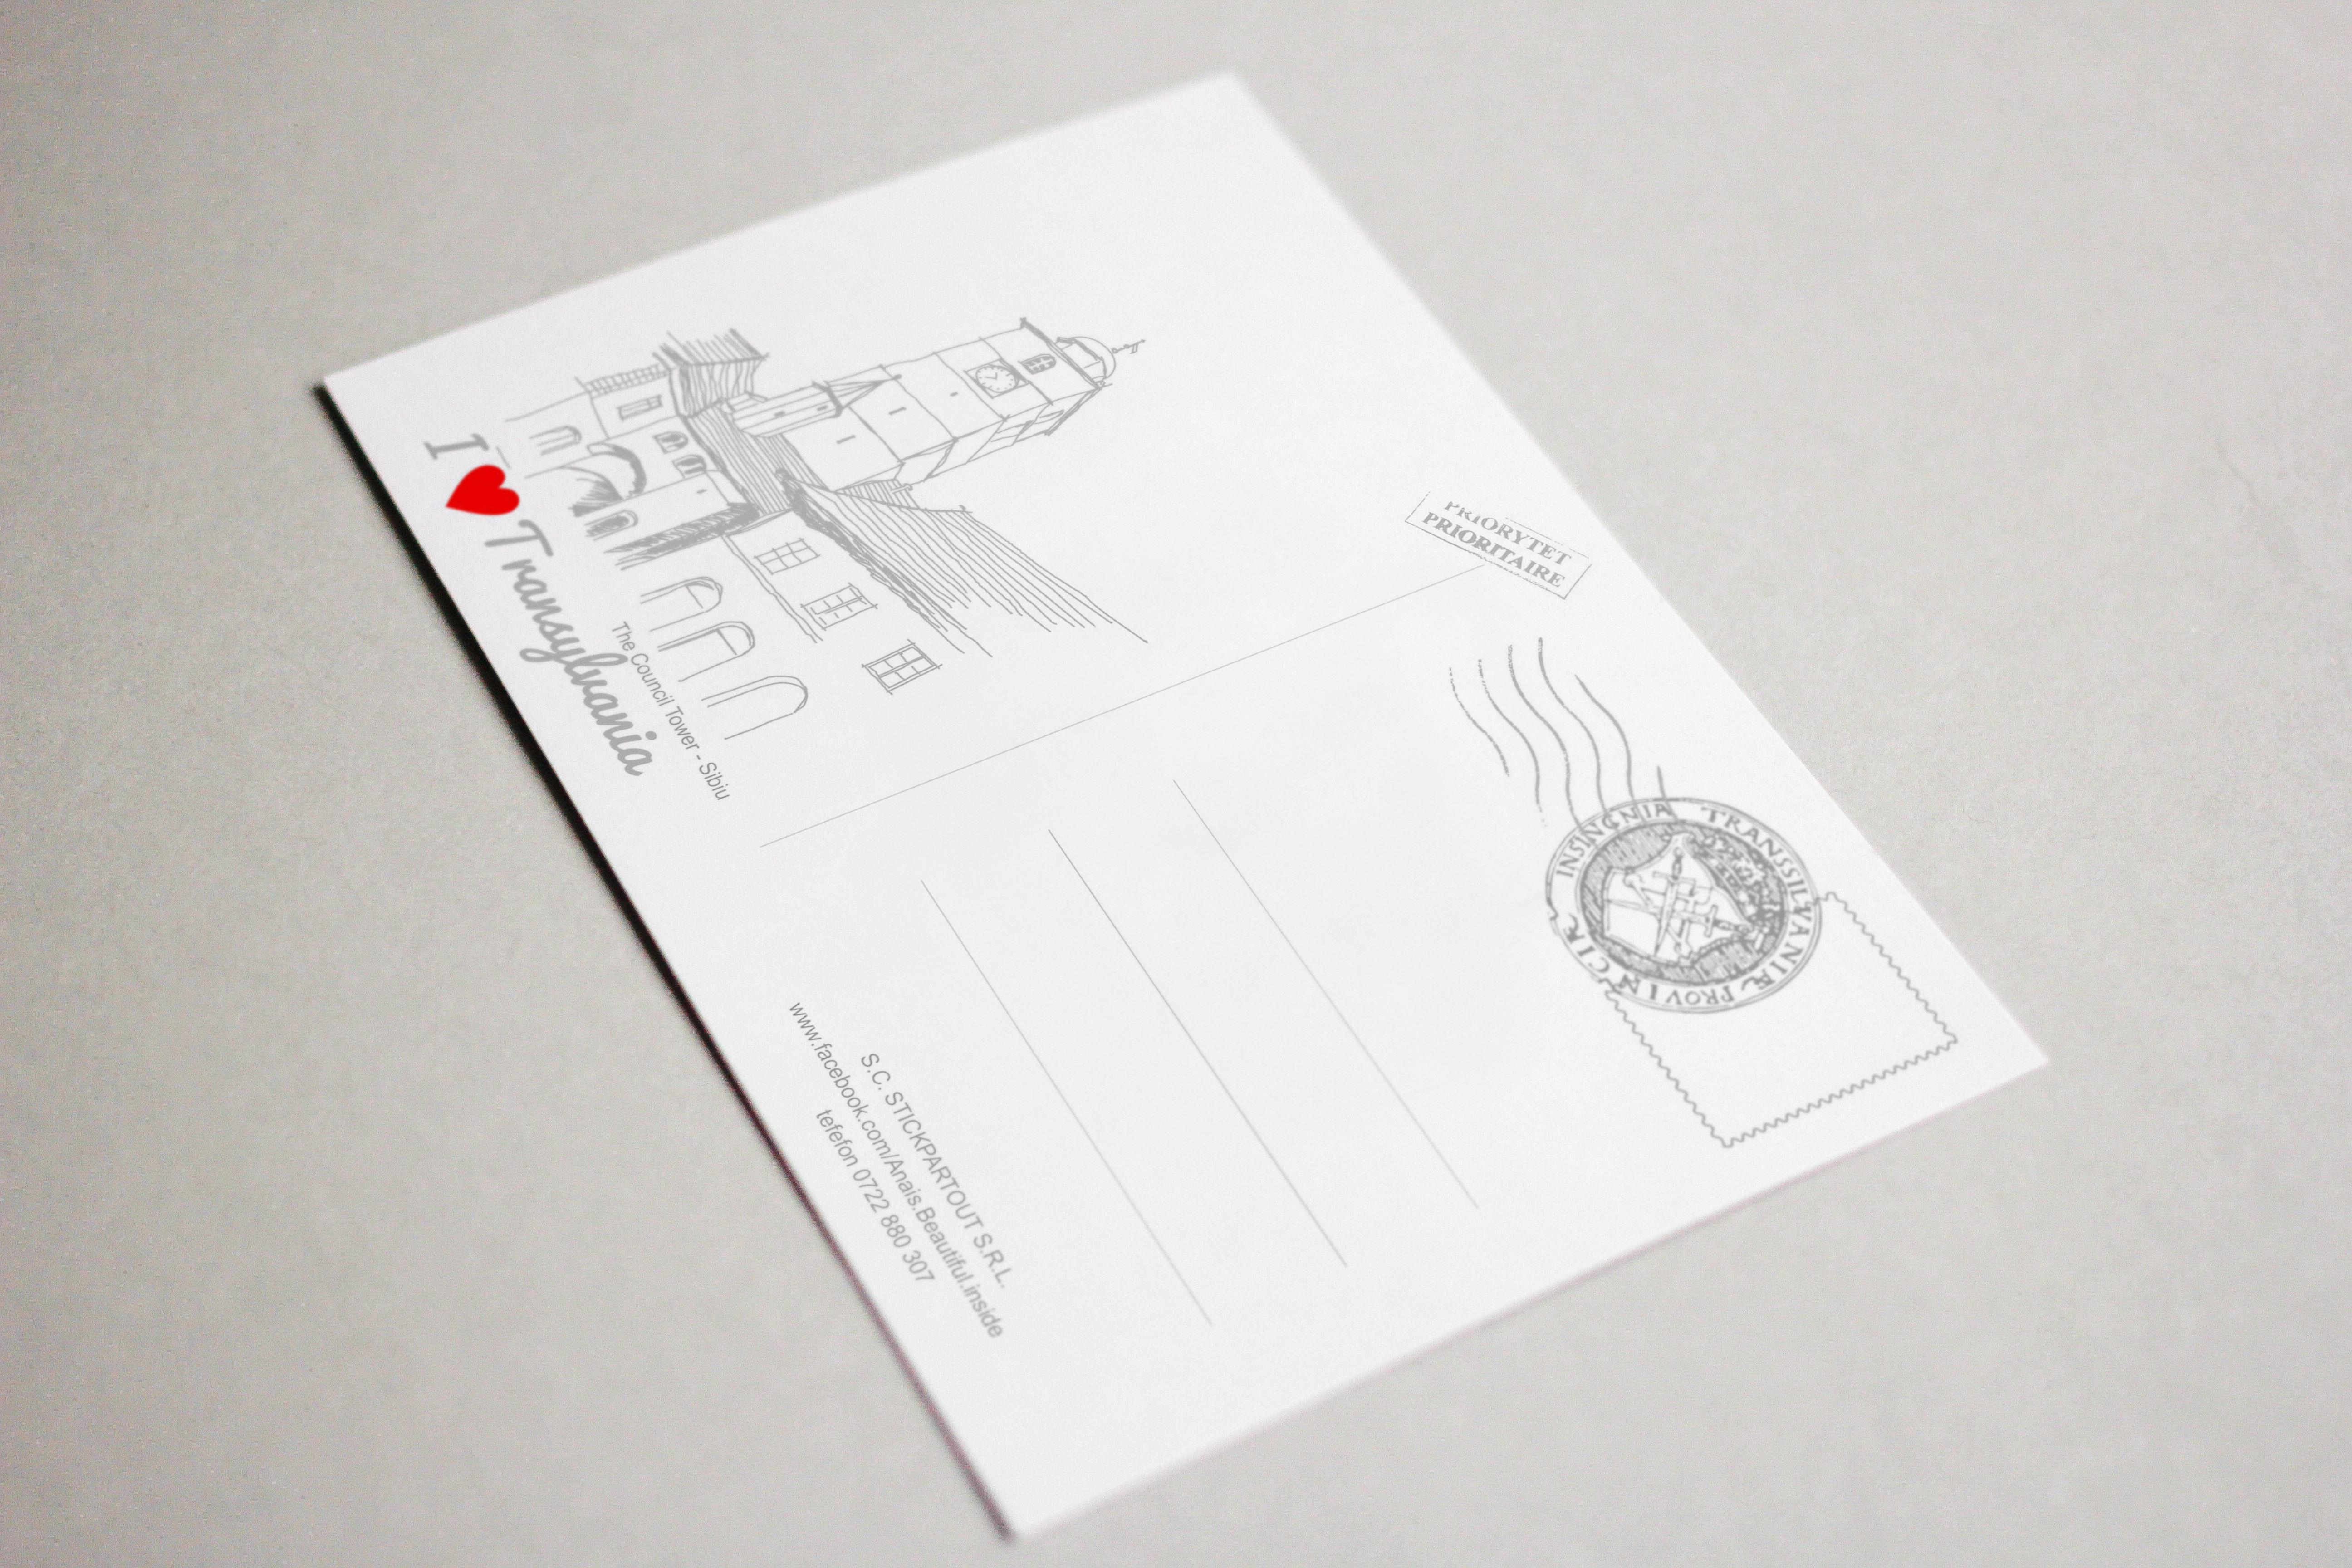 Carte postala model Turnul Sfatului, suvenir Sibiu 2